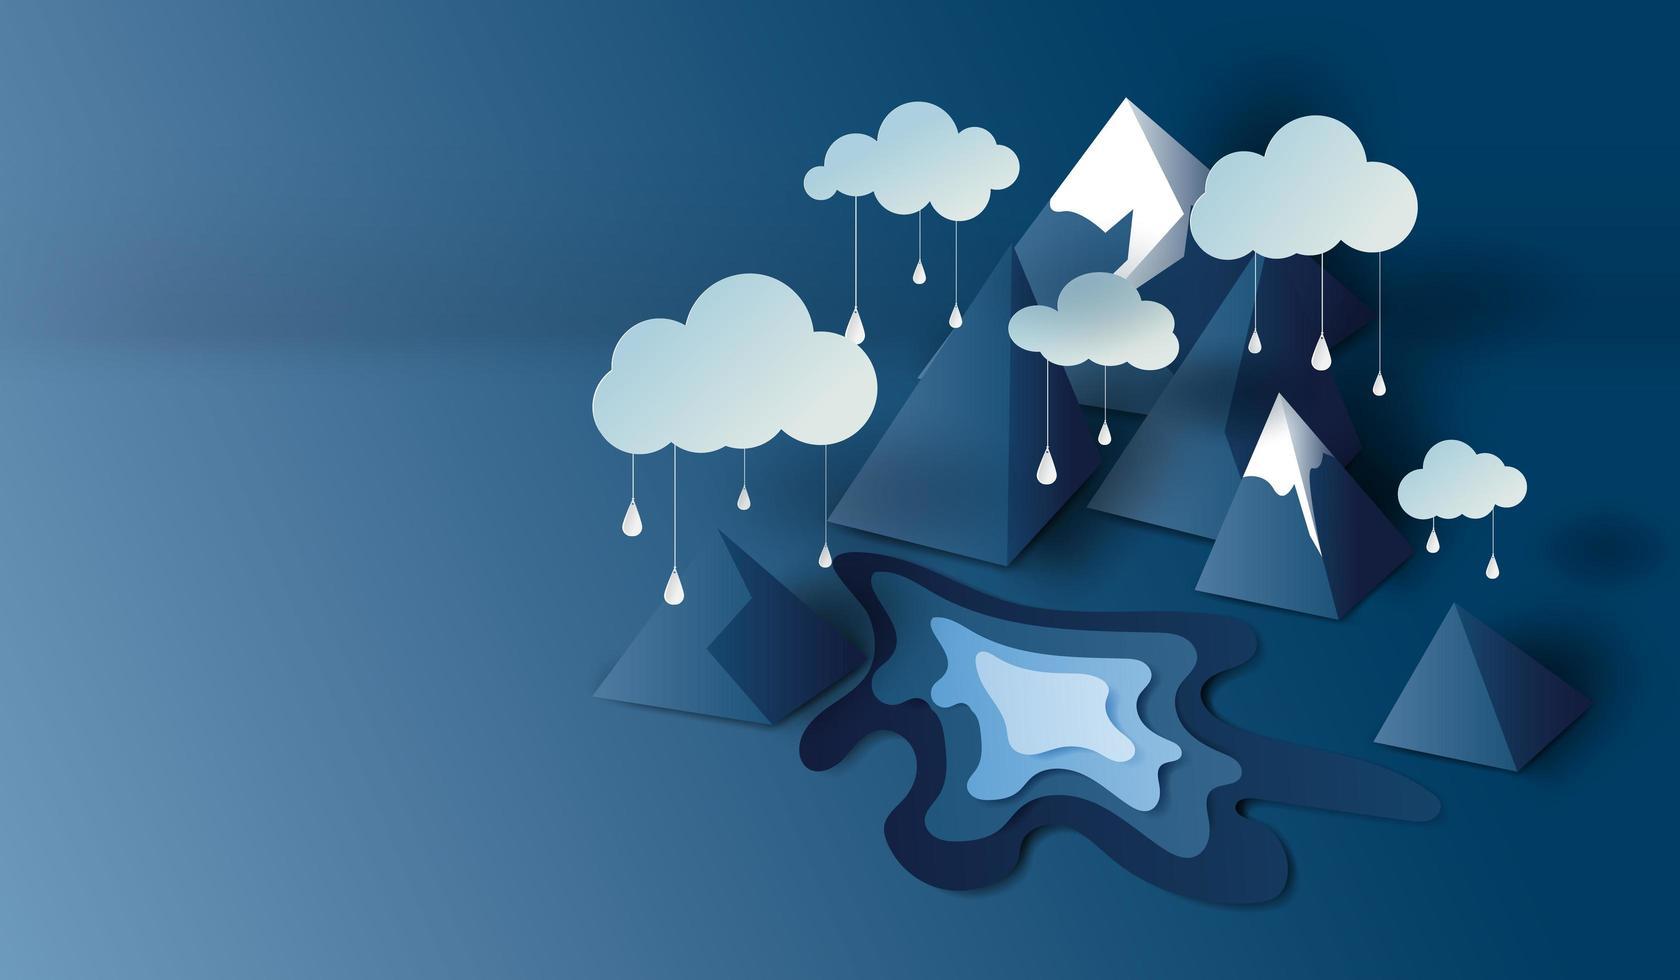 Papierschnittkunst mit 3d Bergansicht und Wolkenfahnenhintergrund vektor